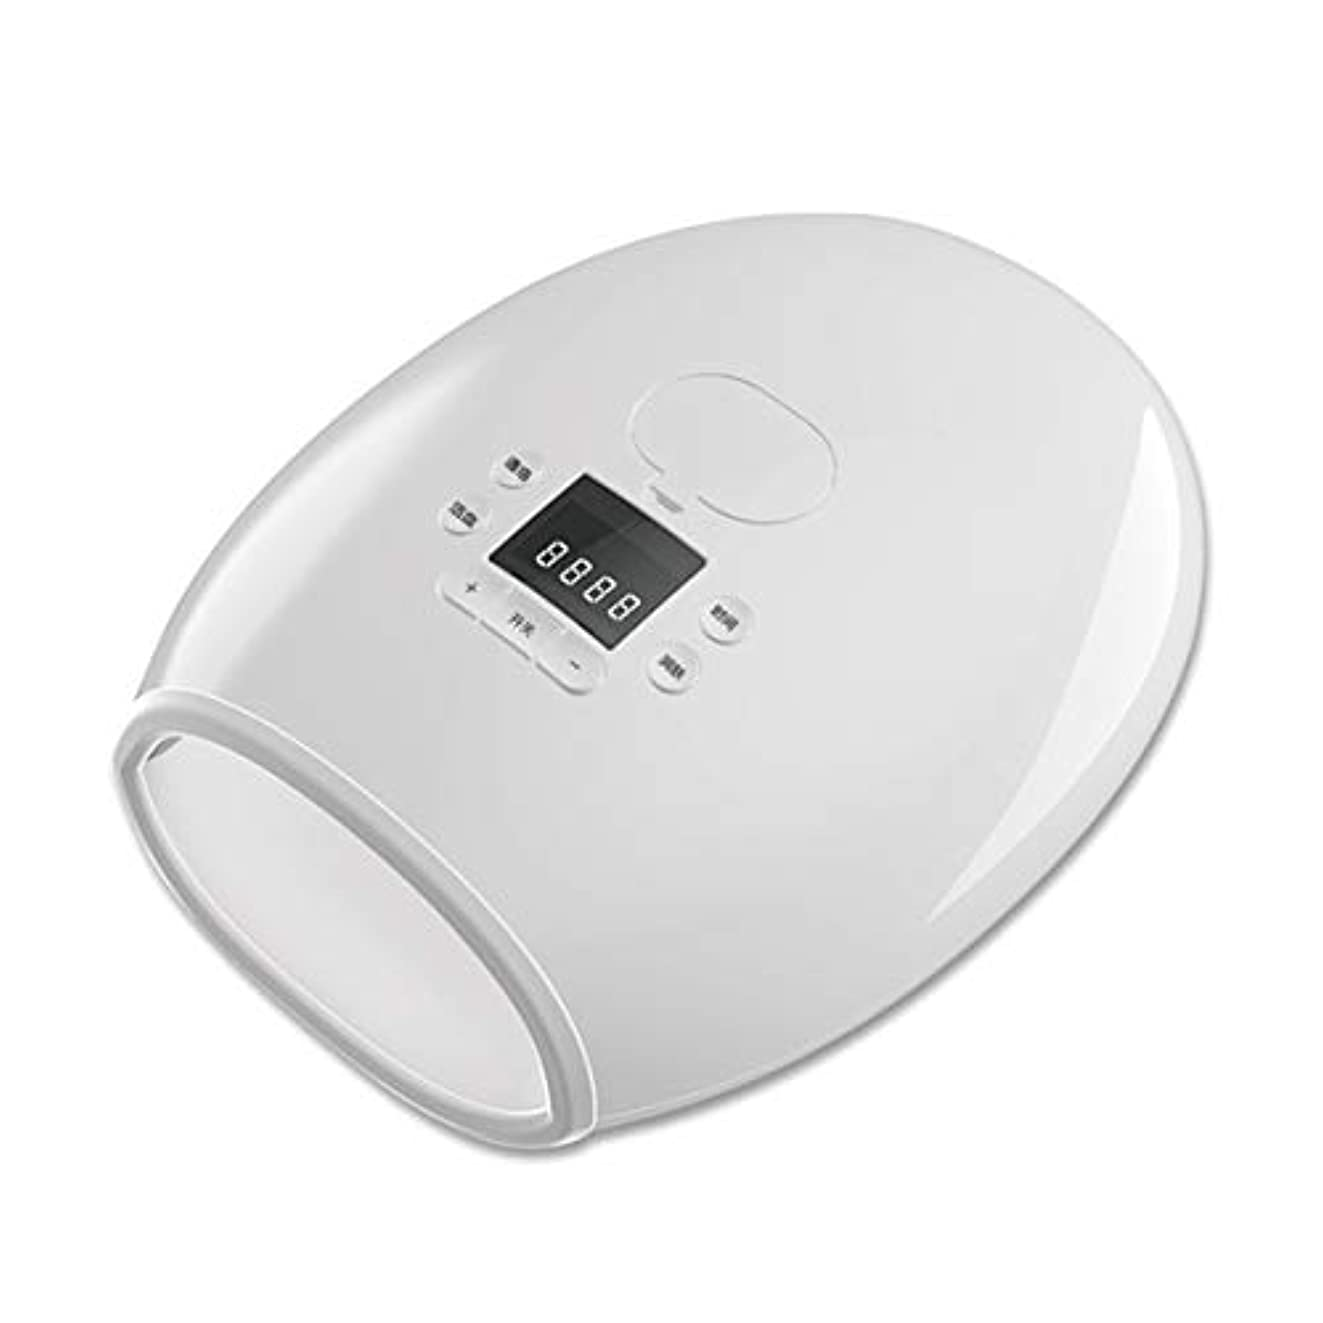 修道院増幅明快Intercorey Massage Beauty Tool Hand Warm Hand Hydrating Care Palm Massager Hand Electric Heating Massage Instrument